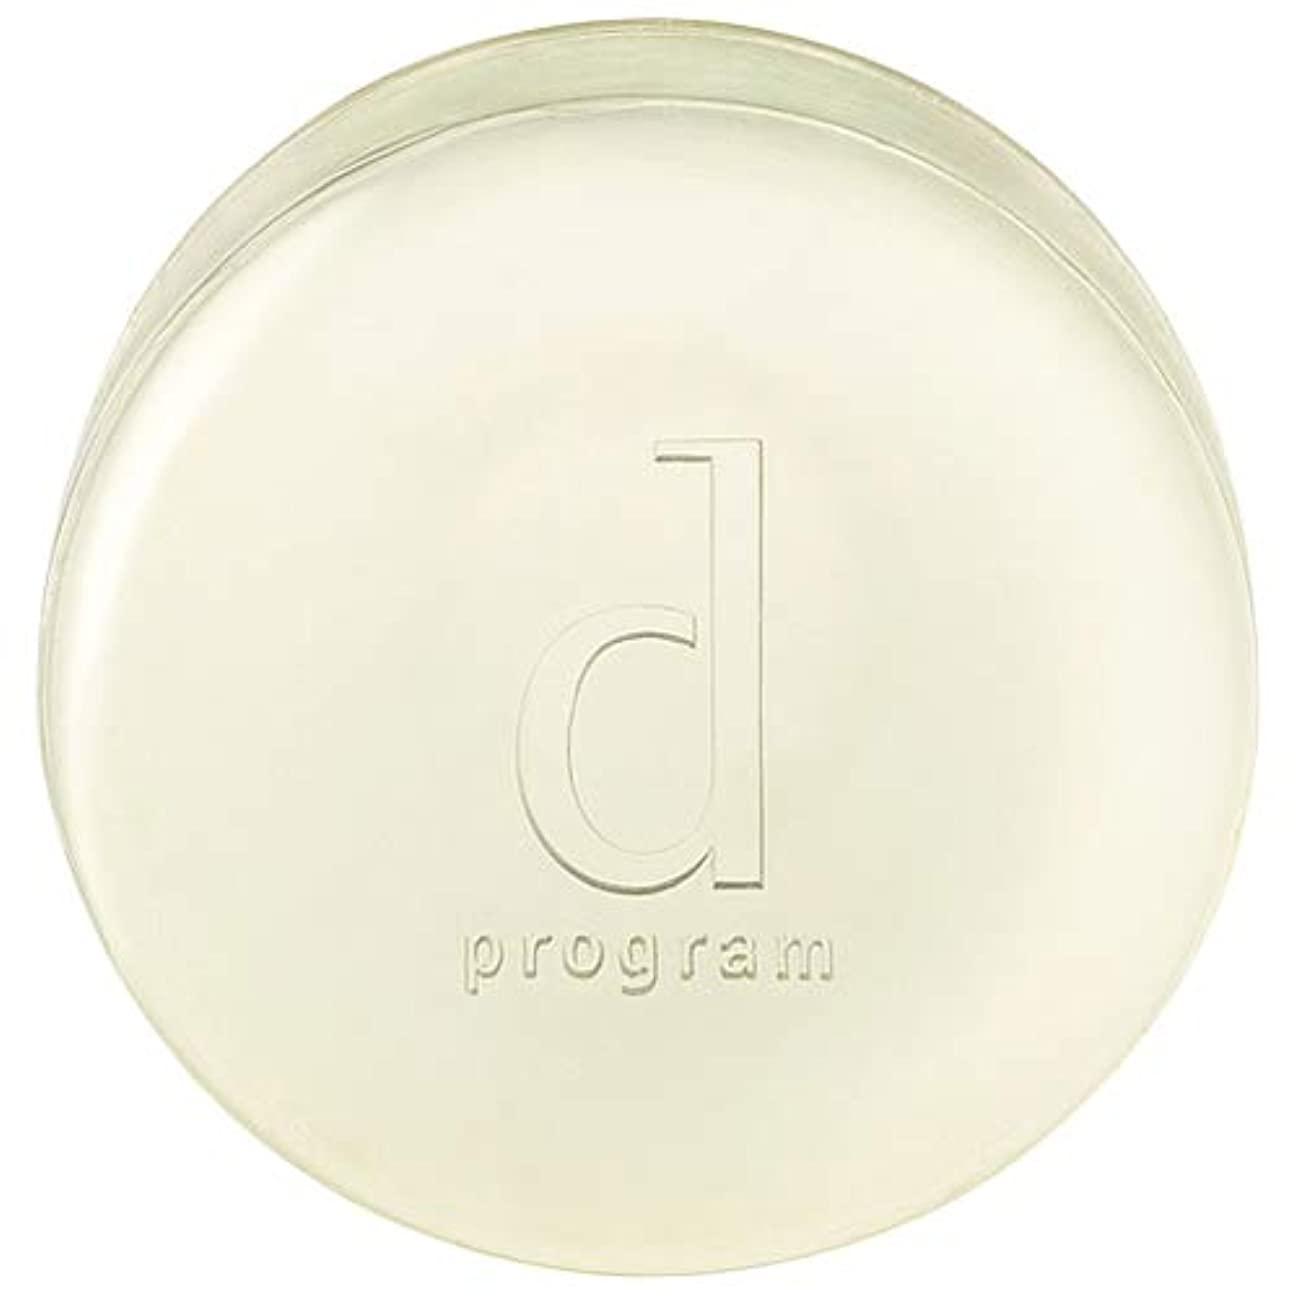 飲料名詞機密d program 資生堂 コンディショニングソープ 100g [366202] [並行輸入品]